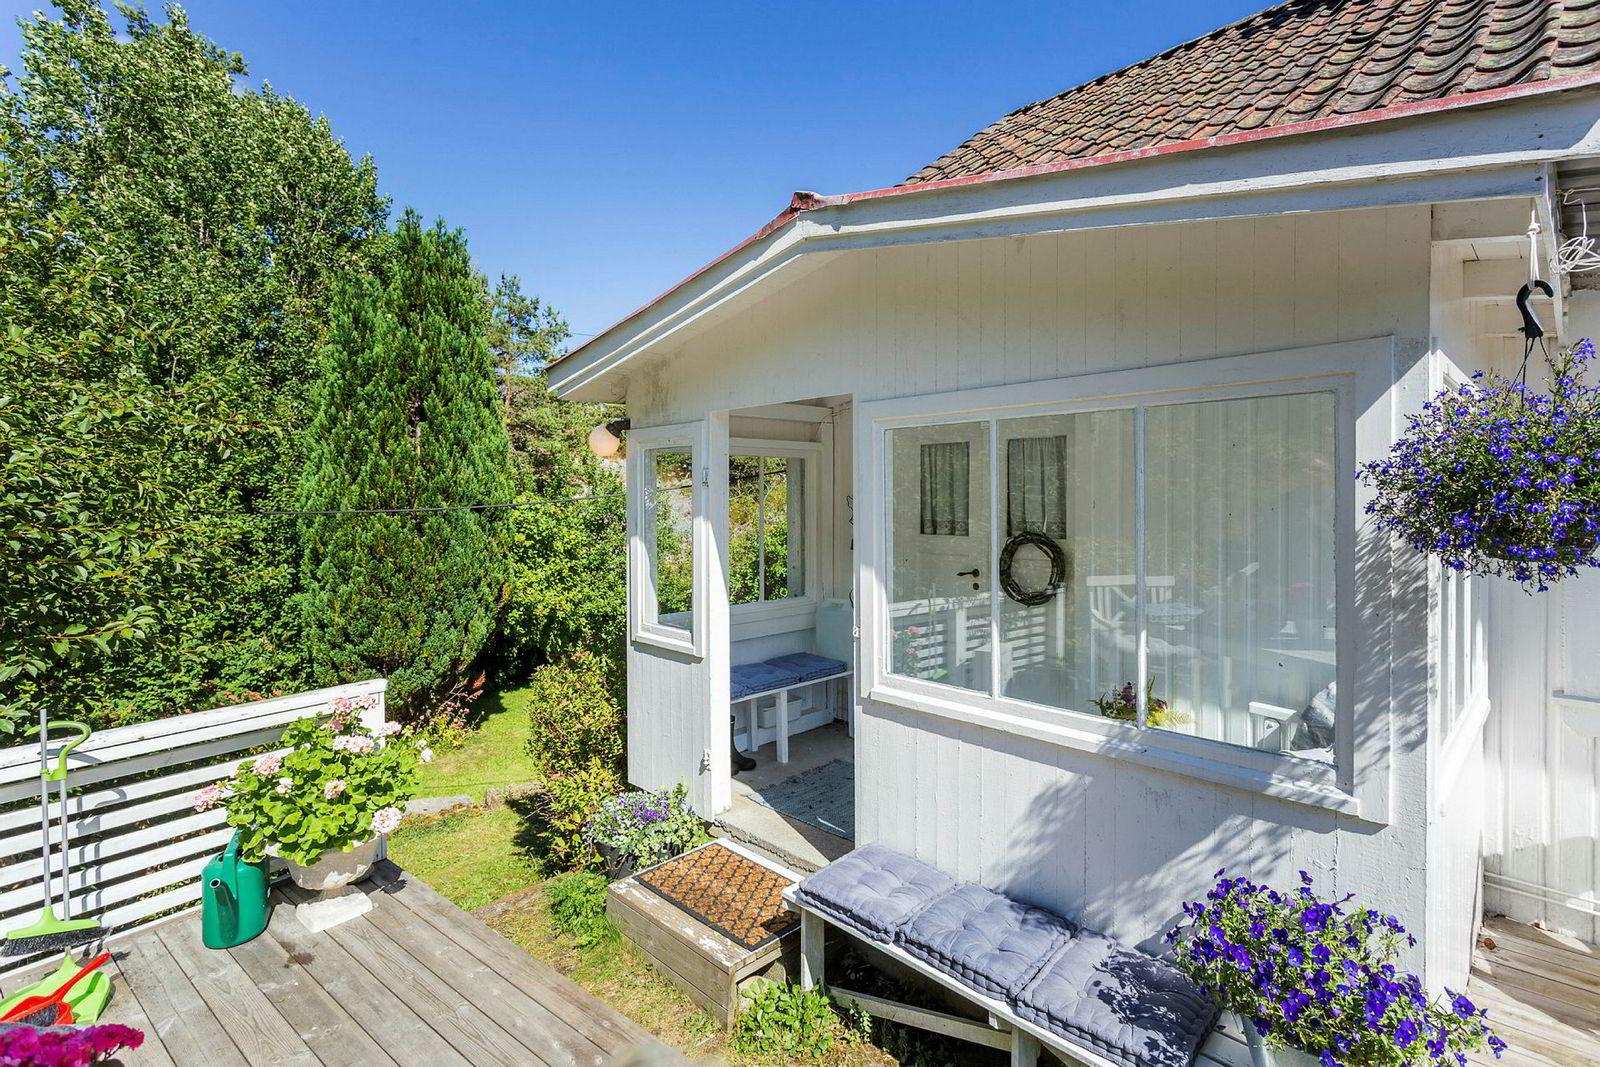 Eiendomsmegler Henrik Tangen hos Krogsveen erkjenner at han bommet med prisantydningen, men synes eiendommen var vanskelig å prissette.